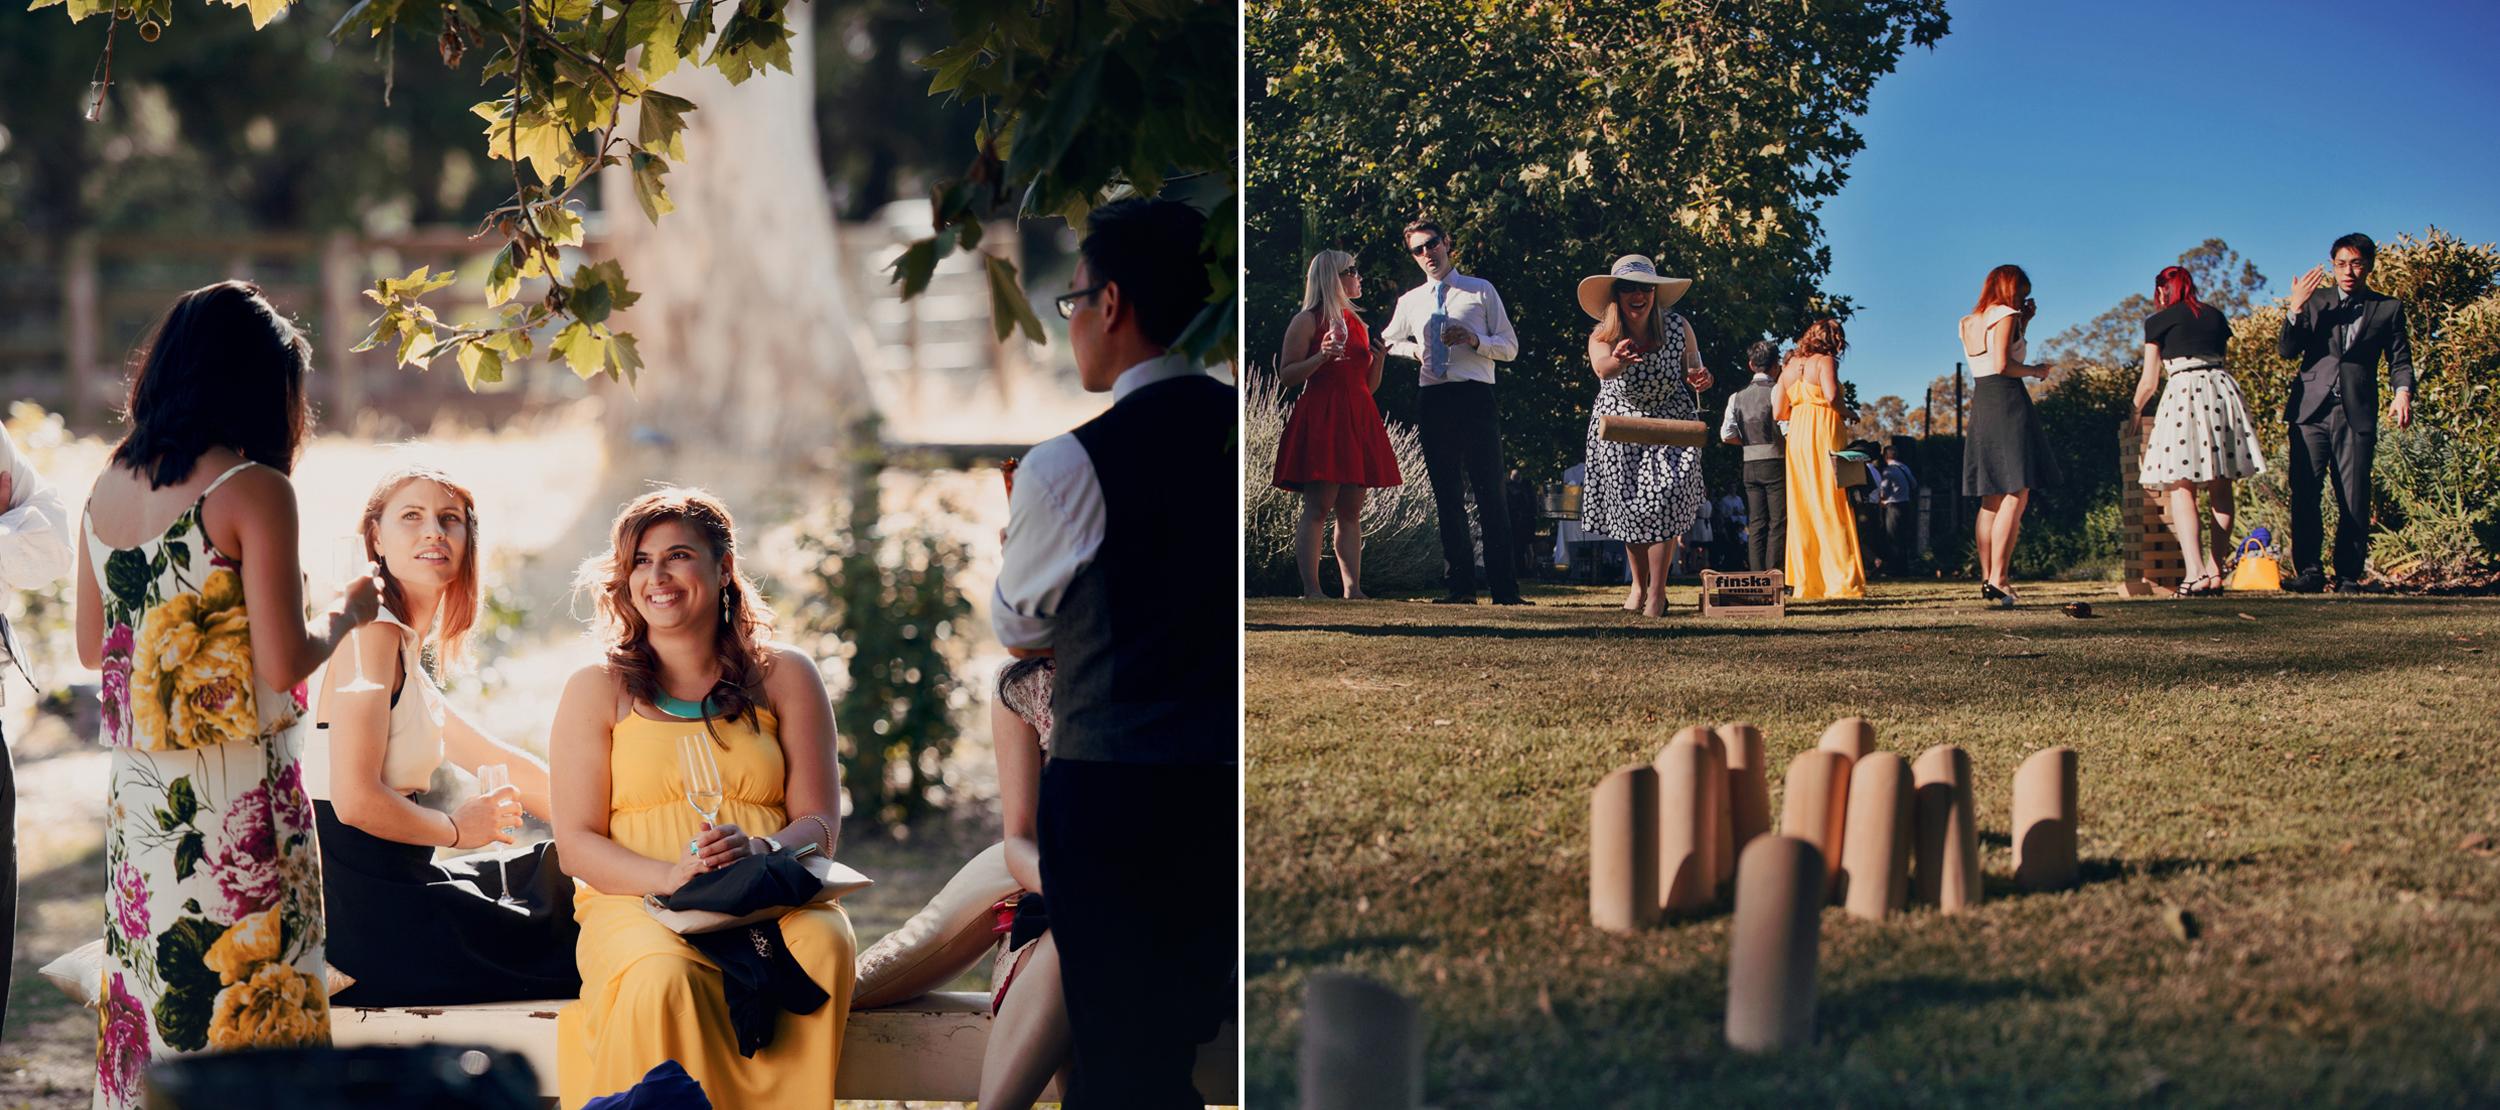 euroa_butter_factory_wedding_photography_29.jpg